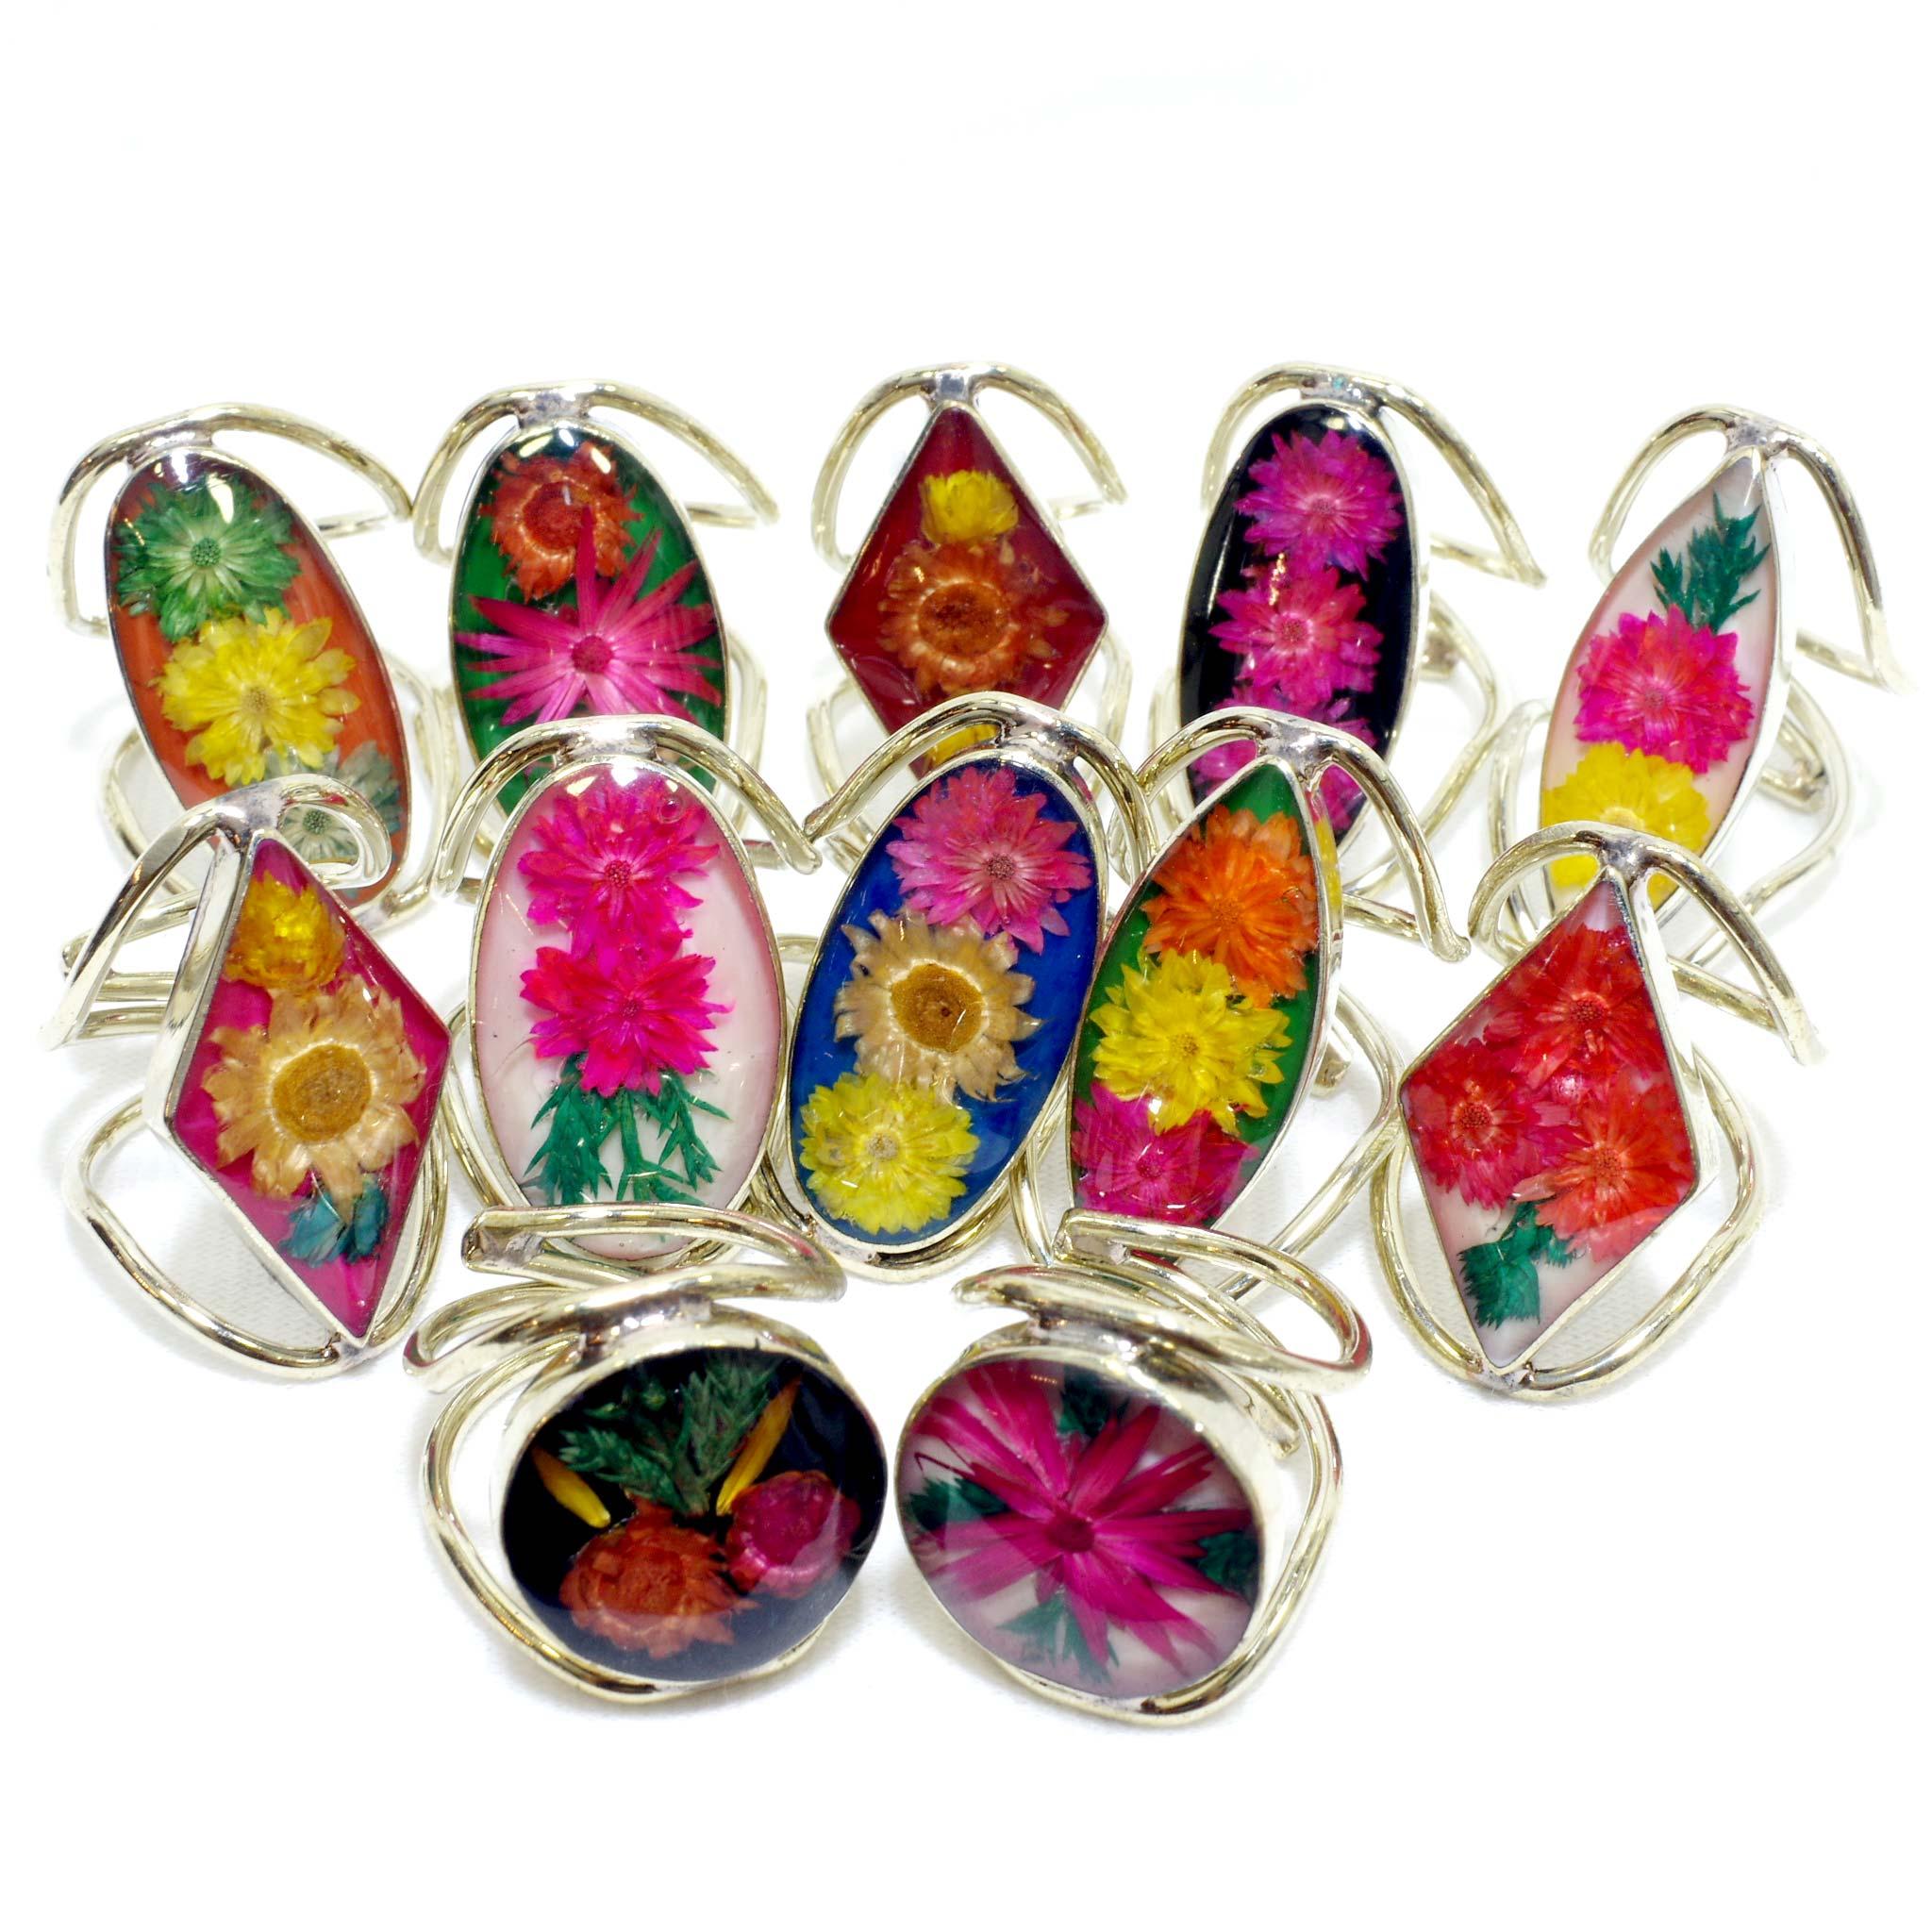 """""""生花,本物の花,花,フラワー,フラワーリング,リング,指輪,フリーサイズ,アクセサリー,メキシコ,メキシコ雑貨,メキシコ雑貨PAD"""""""